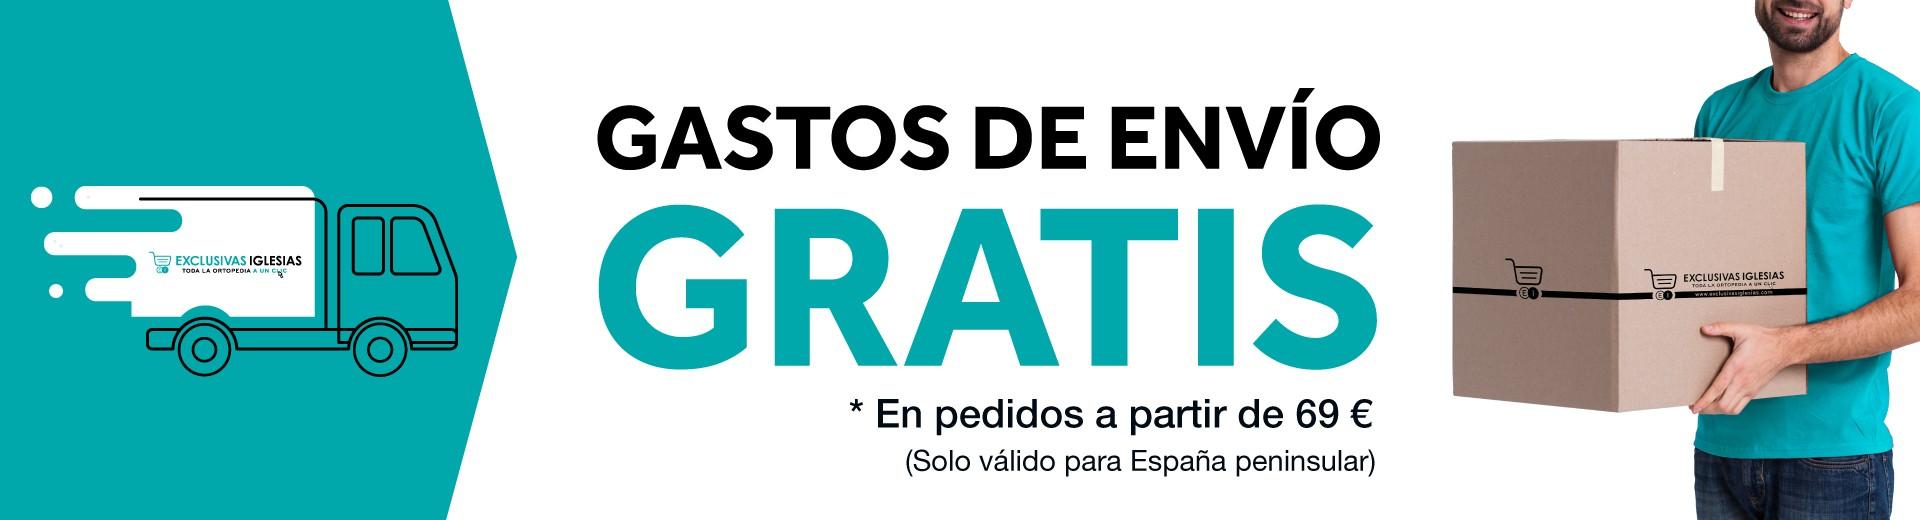 ENVIOS GRATIS A PARTIR DE 69€